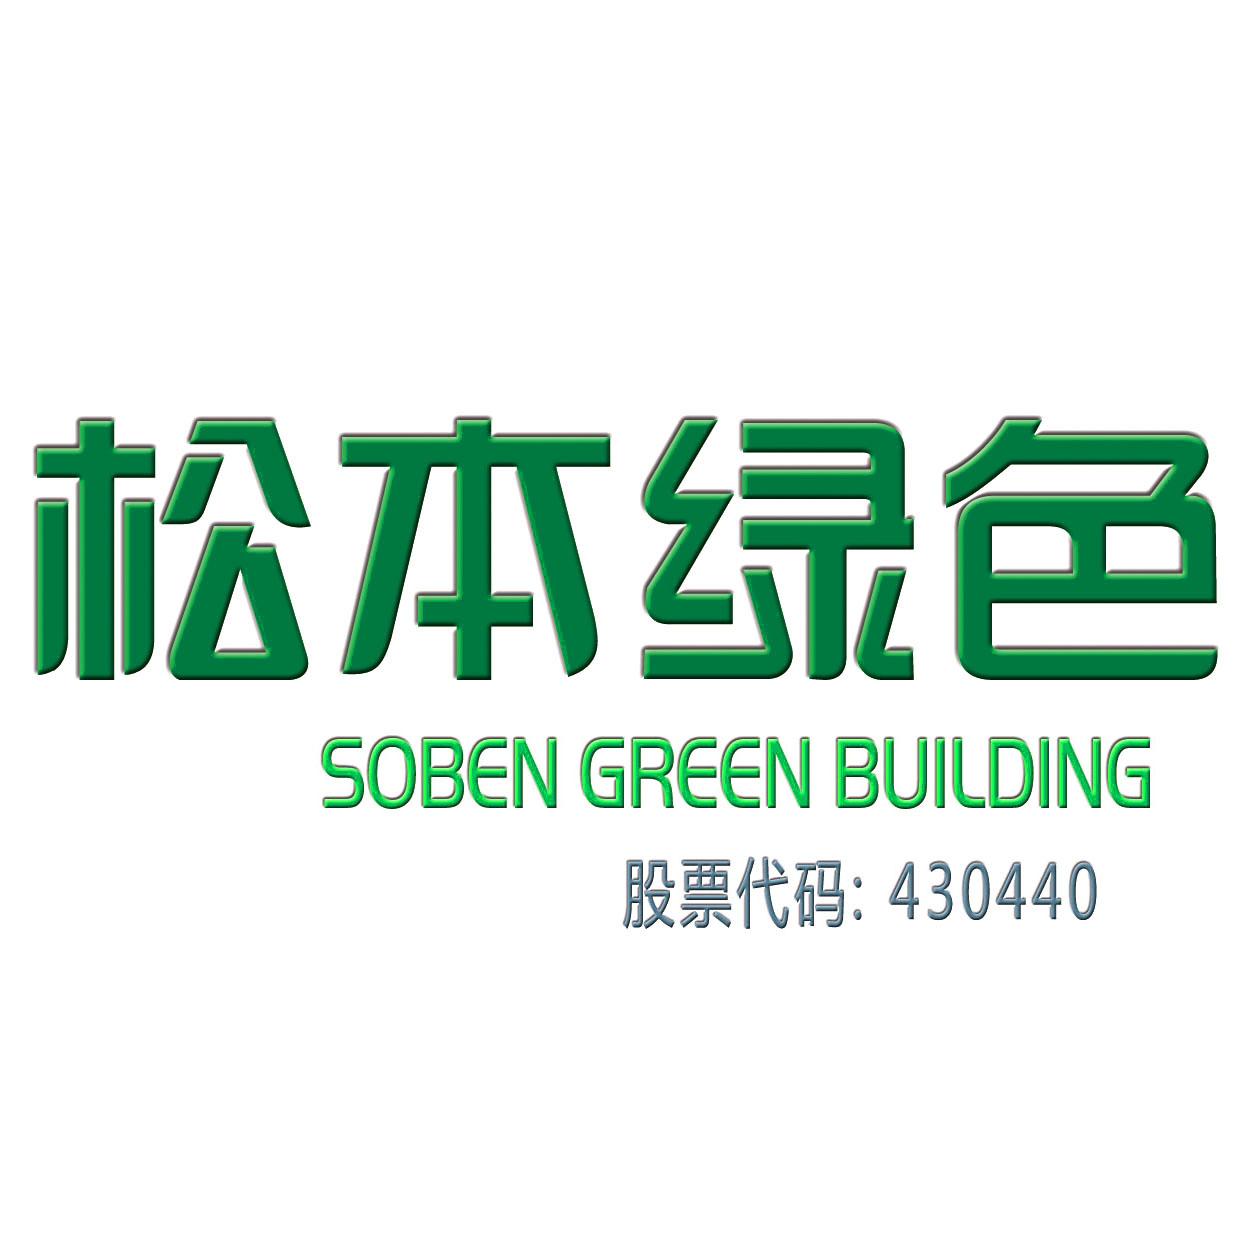 广东松本绿色新材股份有限公司(简称:松本绿色,股票代码:430440)是目前国内专注于绿色环保建材的龙头企业之一,为国家级高新技术企业,广东省全国名牌企业、中国著名品牌、广东省名牌产品。是中国政府绿色采购清单目录产品,广东省首批清洁生产企业,在2010年荣获中国资源综合利用科技进步二等奖,是国内同行业产品中唯一获得全球多个国家和地区环保标志认证的品牌企业,如欧盟、日本、新加坡、韩国、台湾、香港等。 公司长期以来非常注重科技创新和设计研发,在产品研发和应用设计及工程施工新技术方面取得了多项